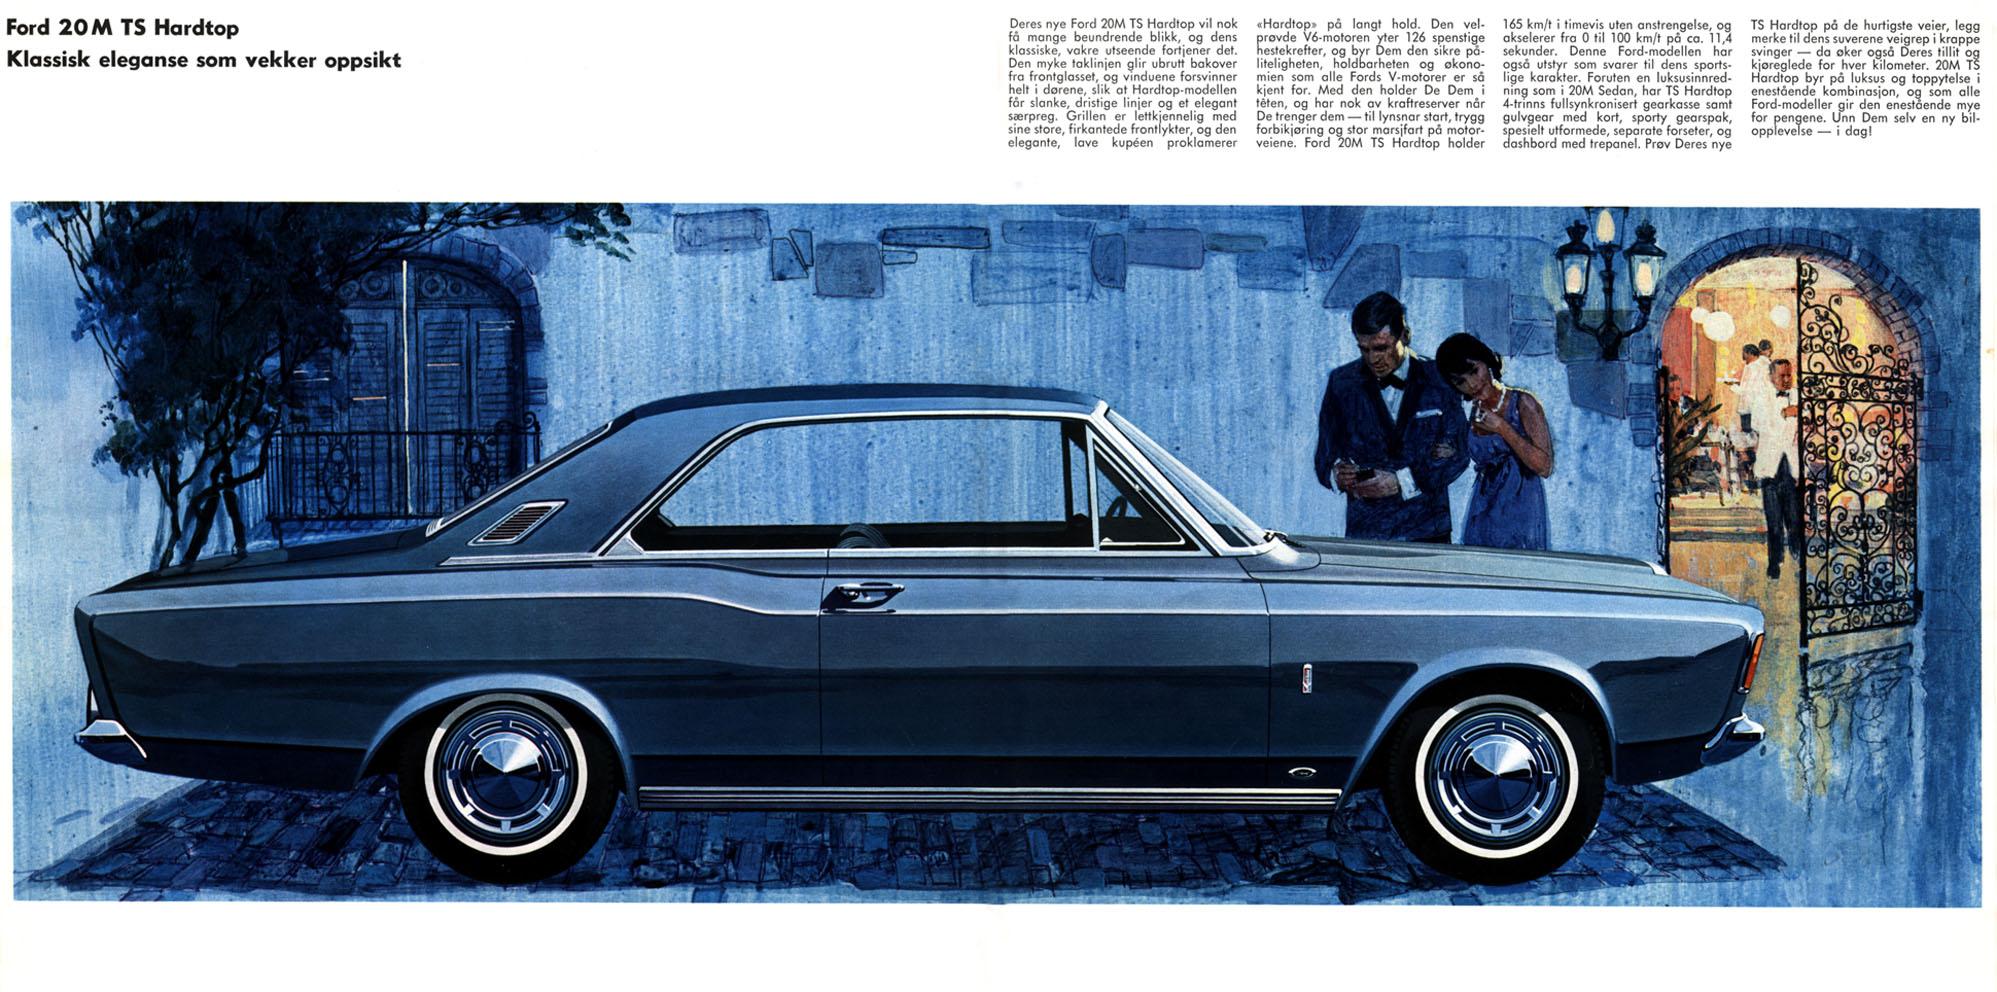 Hot Cars | Latest News Car